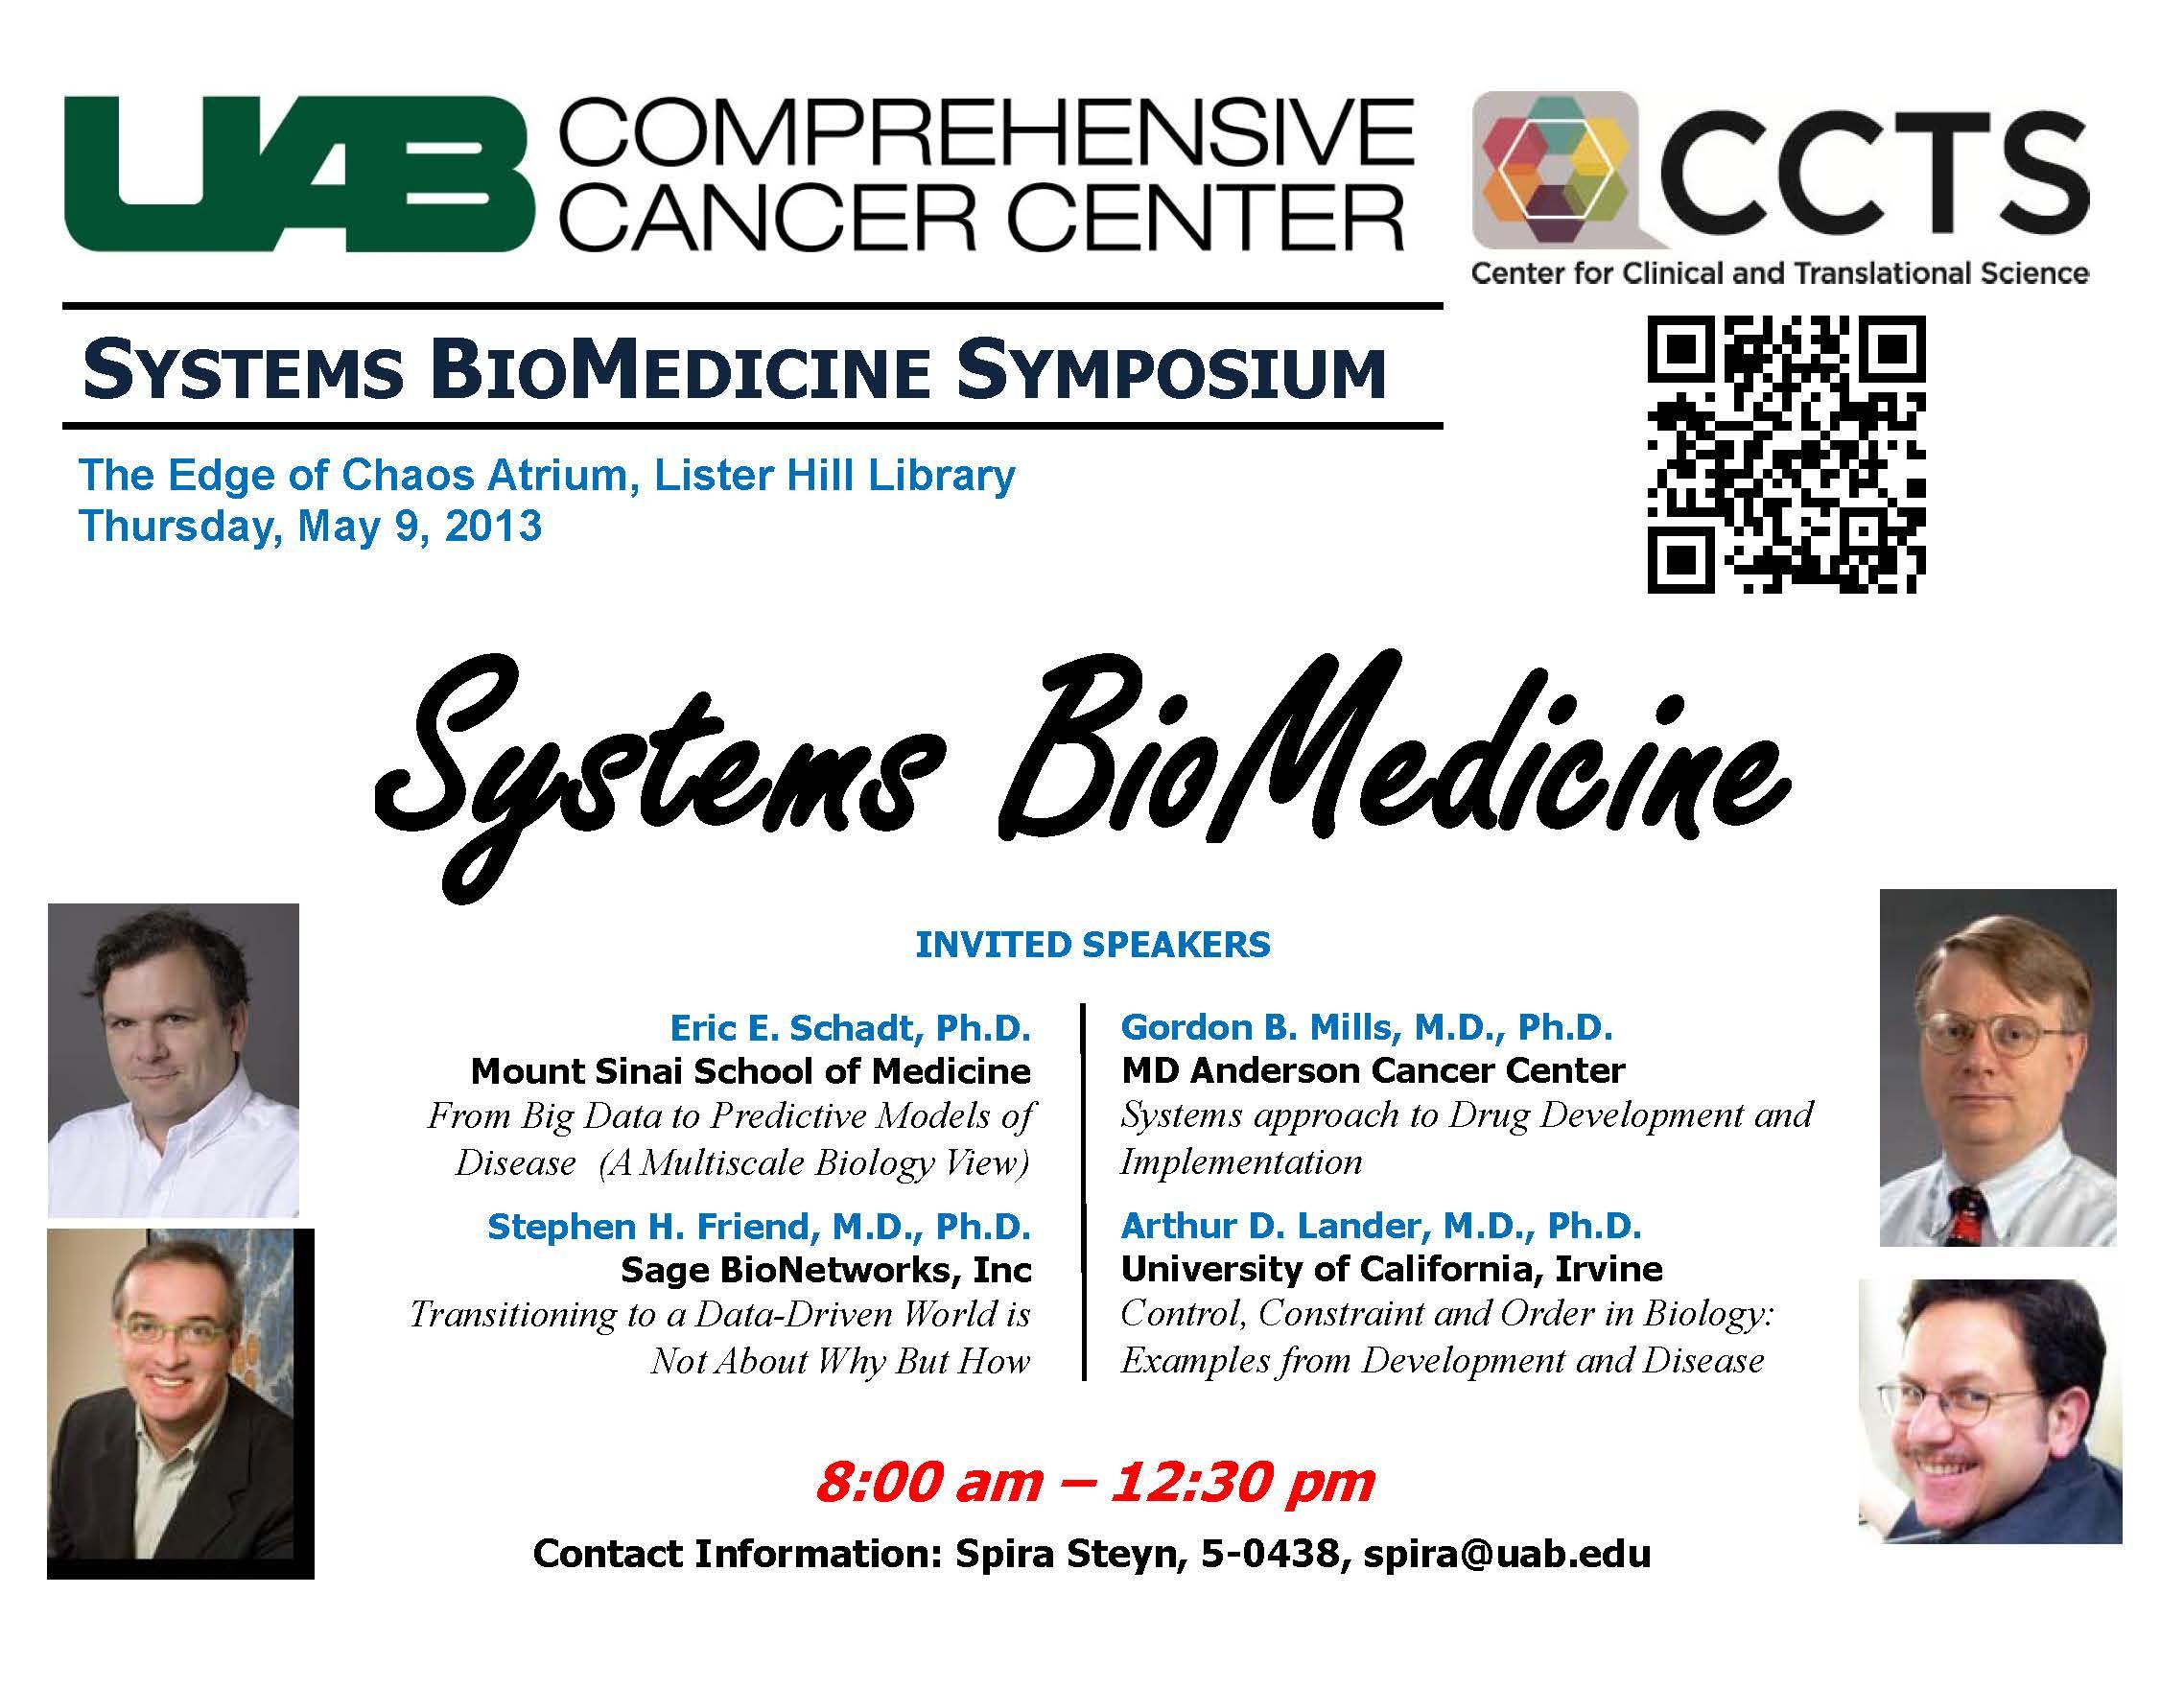 2013 Symposium Image